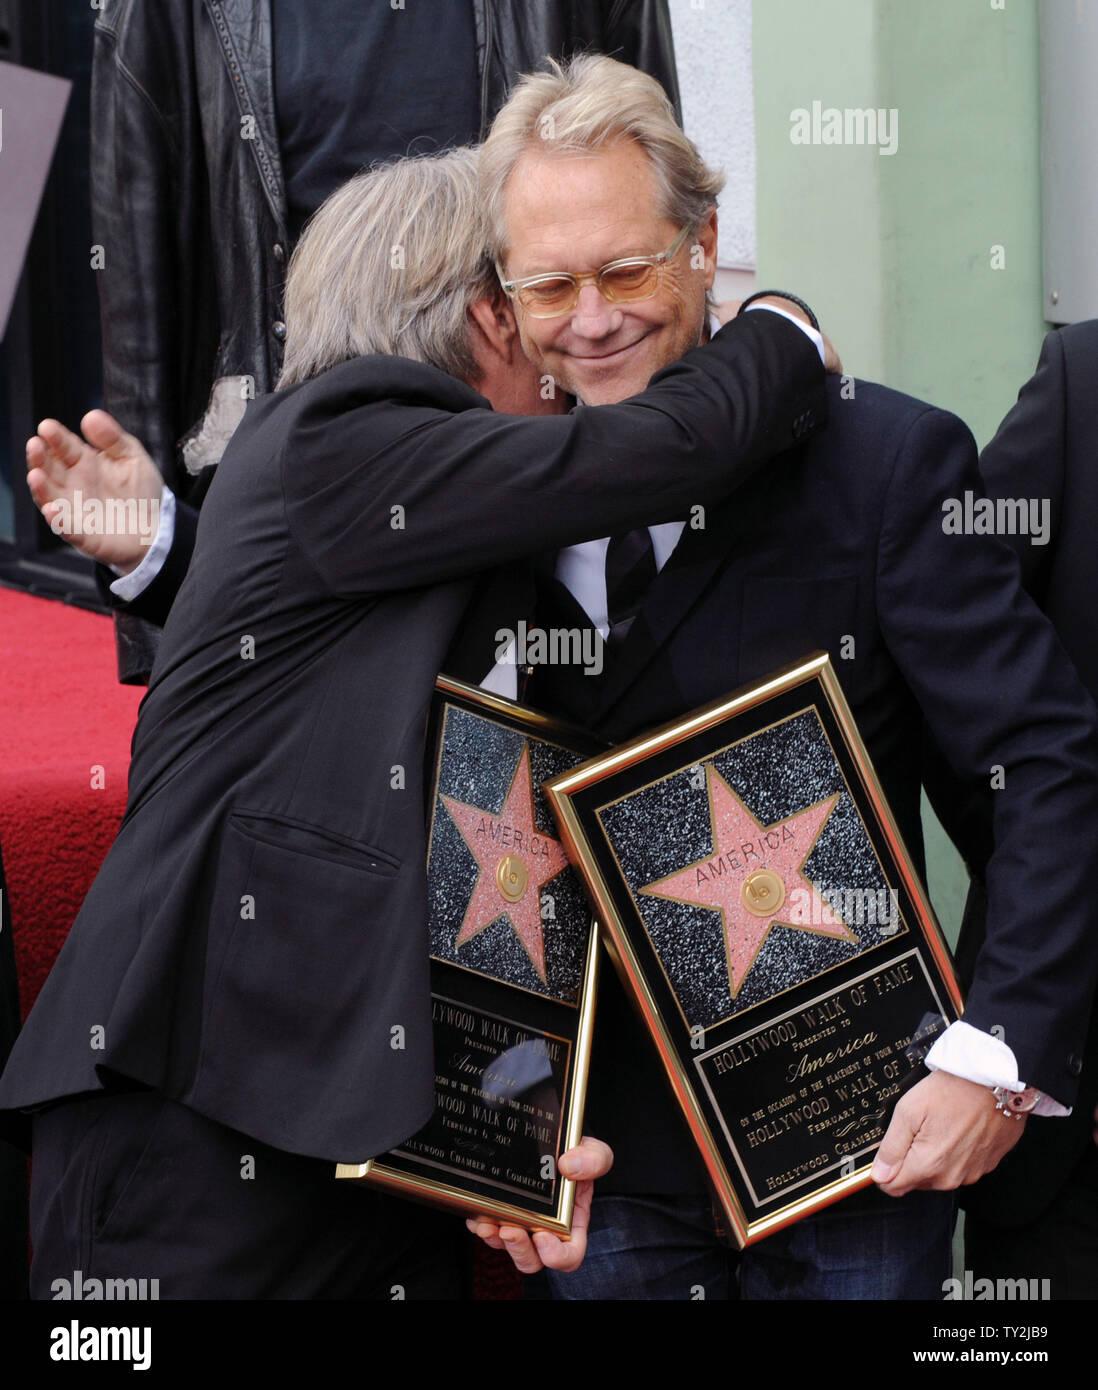 """Dewey Bunnell (L) y Gerry Beckley, miembros del grupo de rock clásico y ganador de un premio Grammy, """"el dúo América, saborear el momento después de que fueron honrados con el 2,459th estrella en el Paseo de la Fama de Hollywood durante una ceremonia en Los Angeles el 6 de febrero de 2012. UPI/Jim Ruymen Imagen De Stock"""